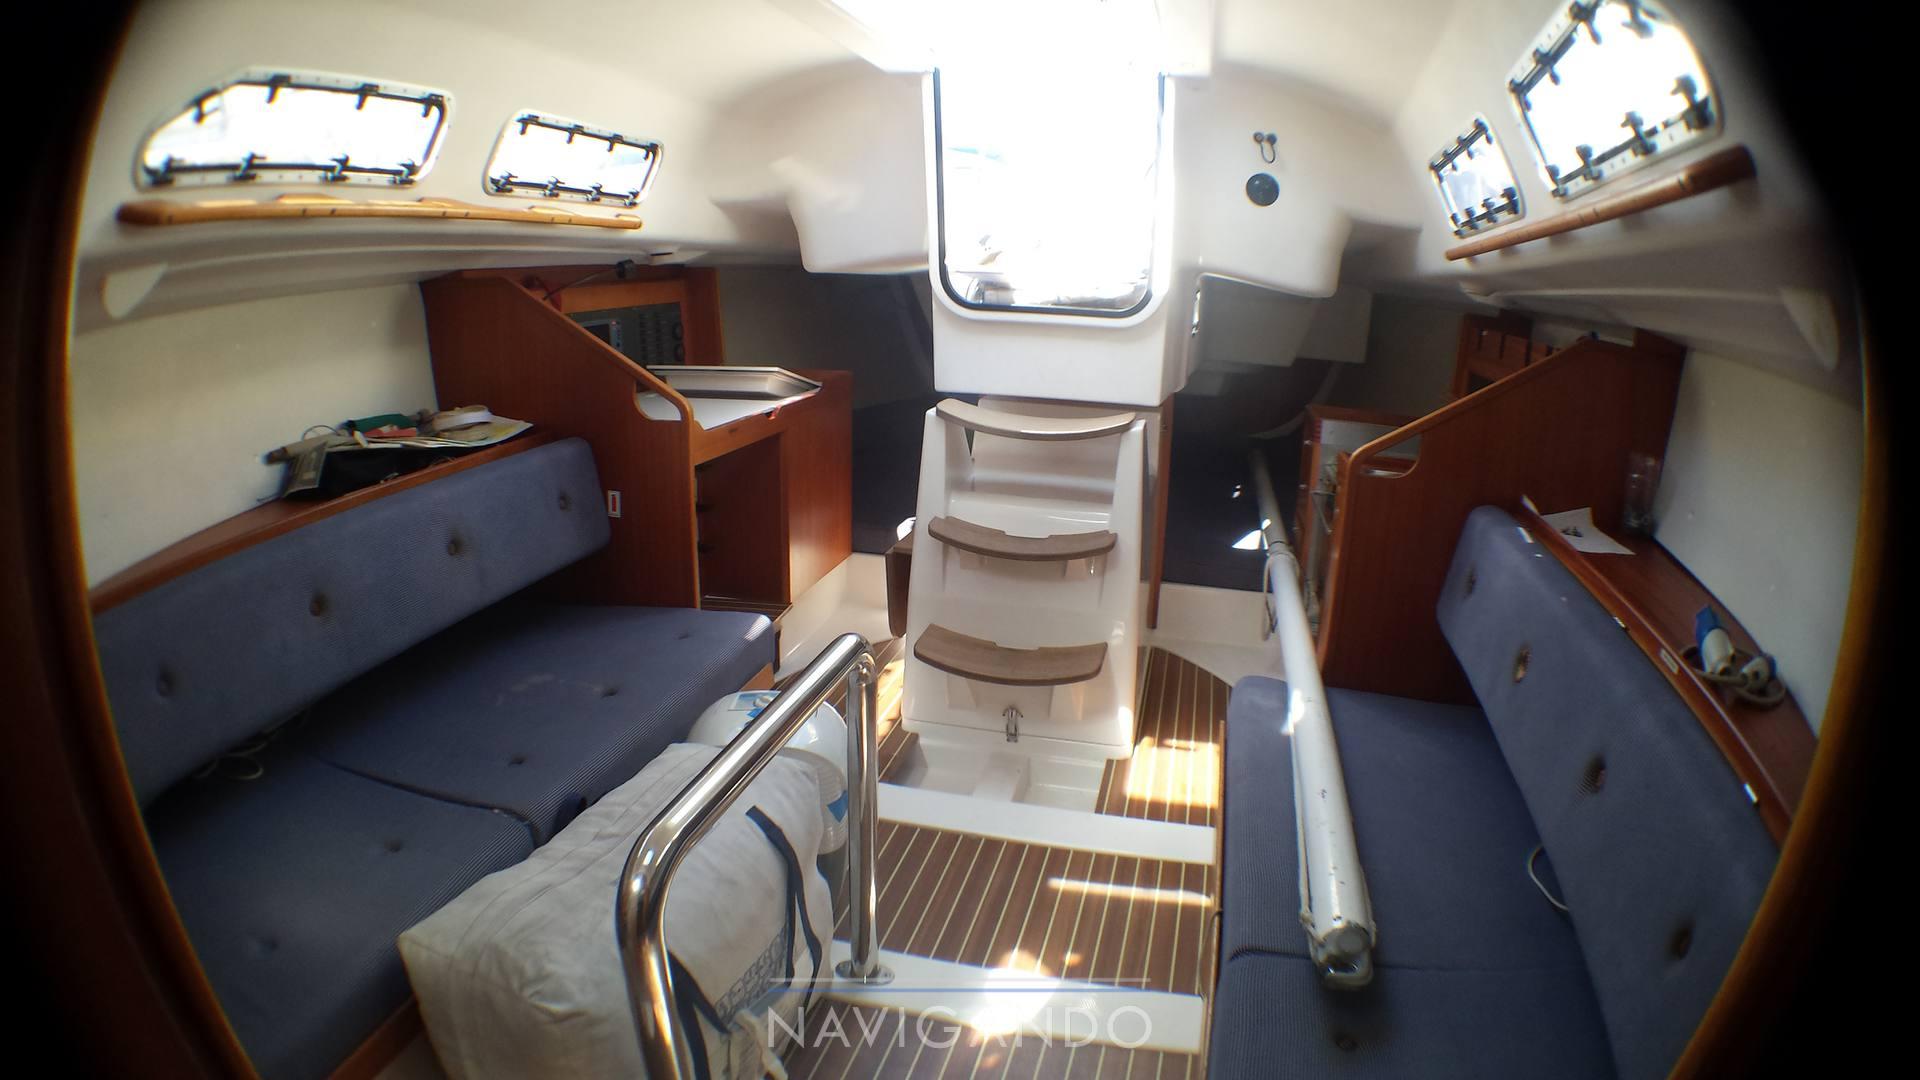 X yachts 35 Vela usato